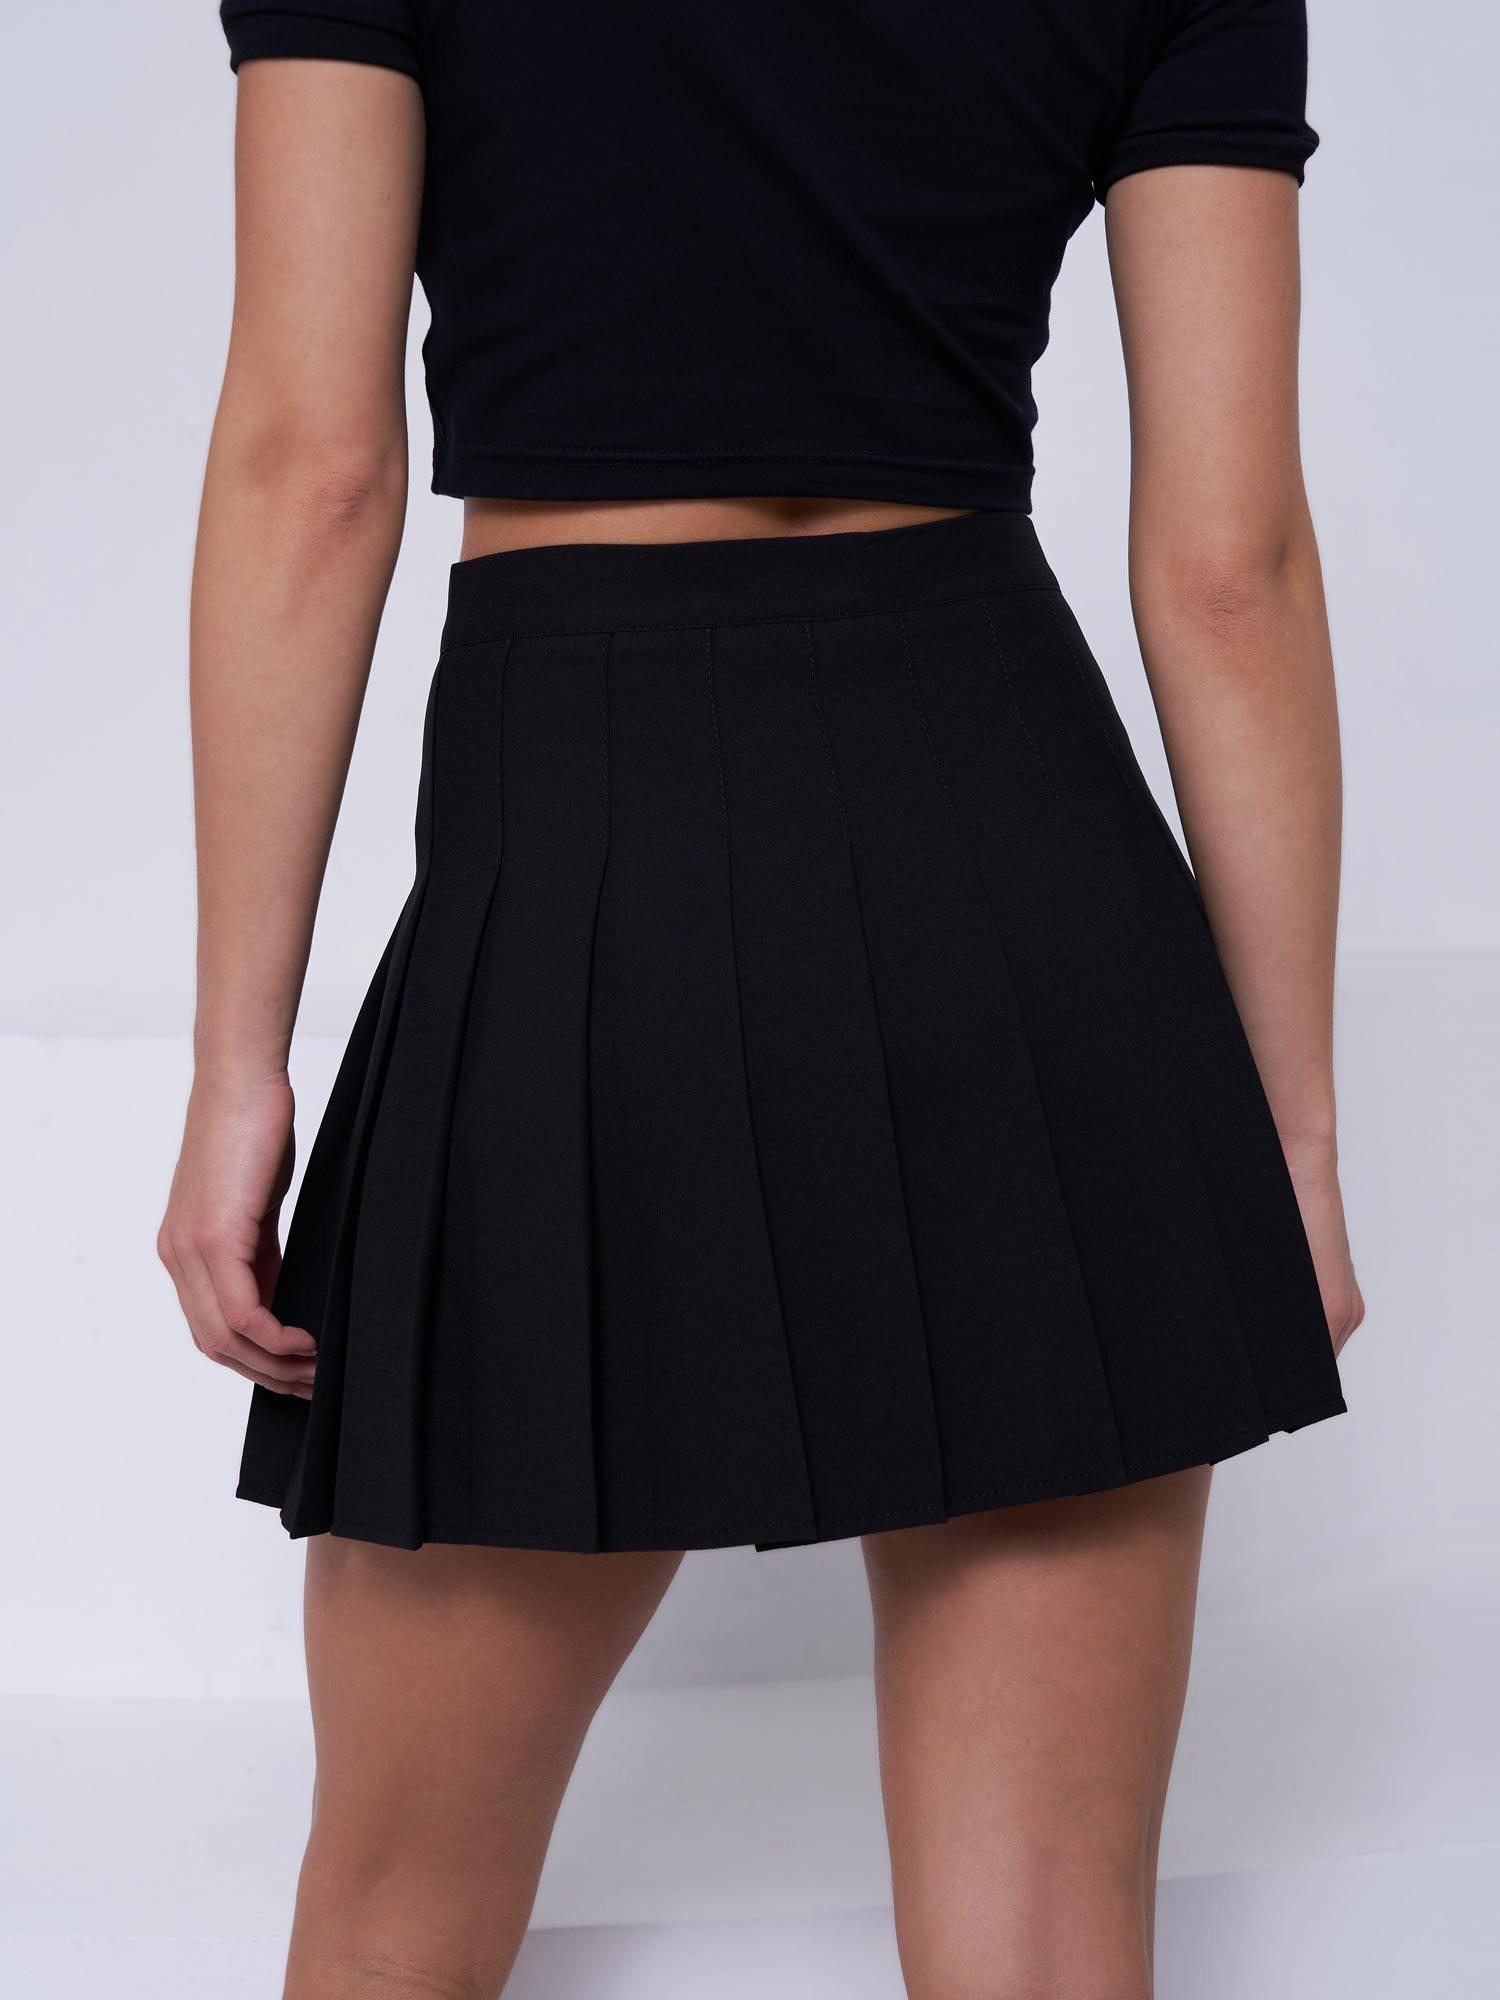 Юбка Feelz Skirt back 2school, Черный